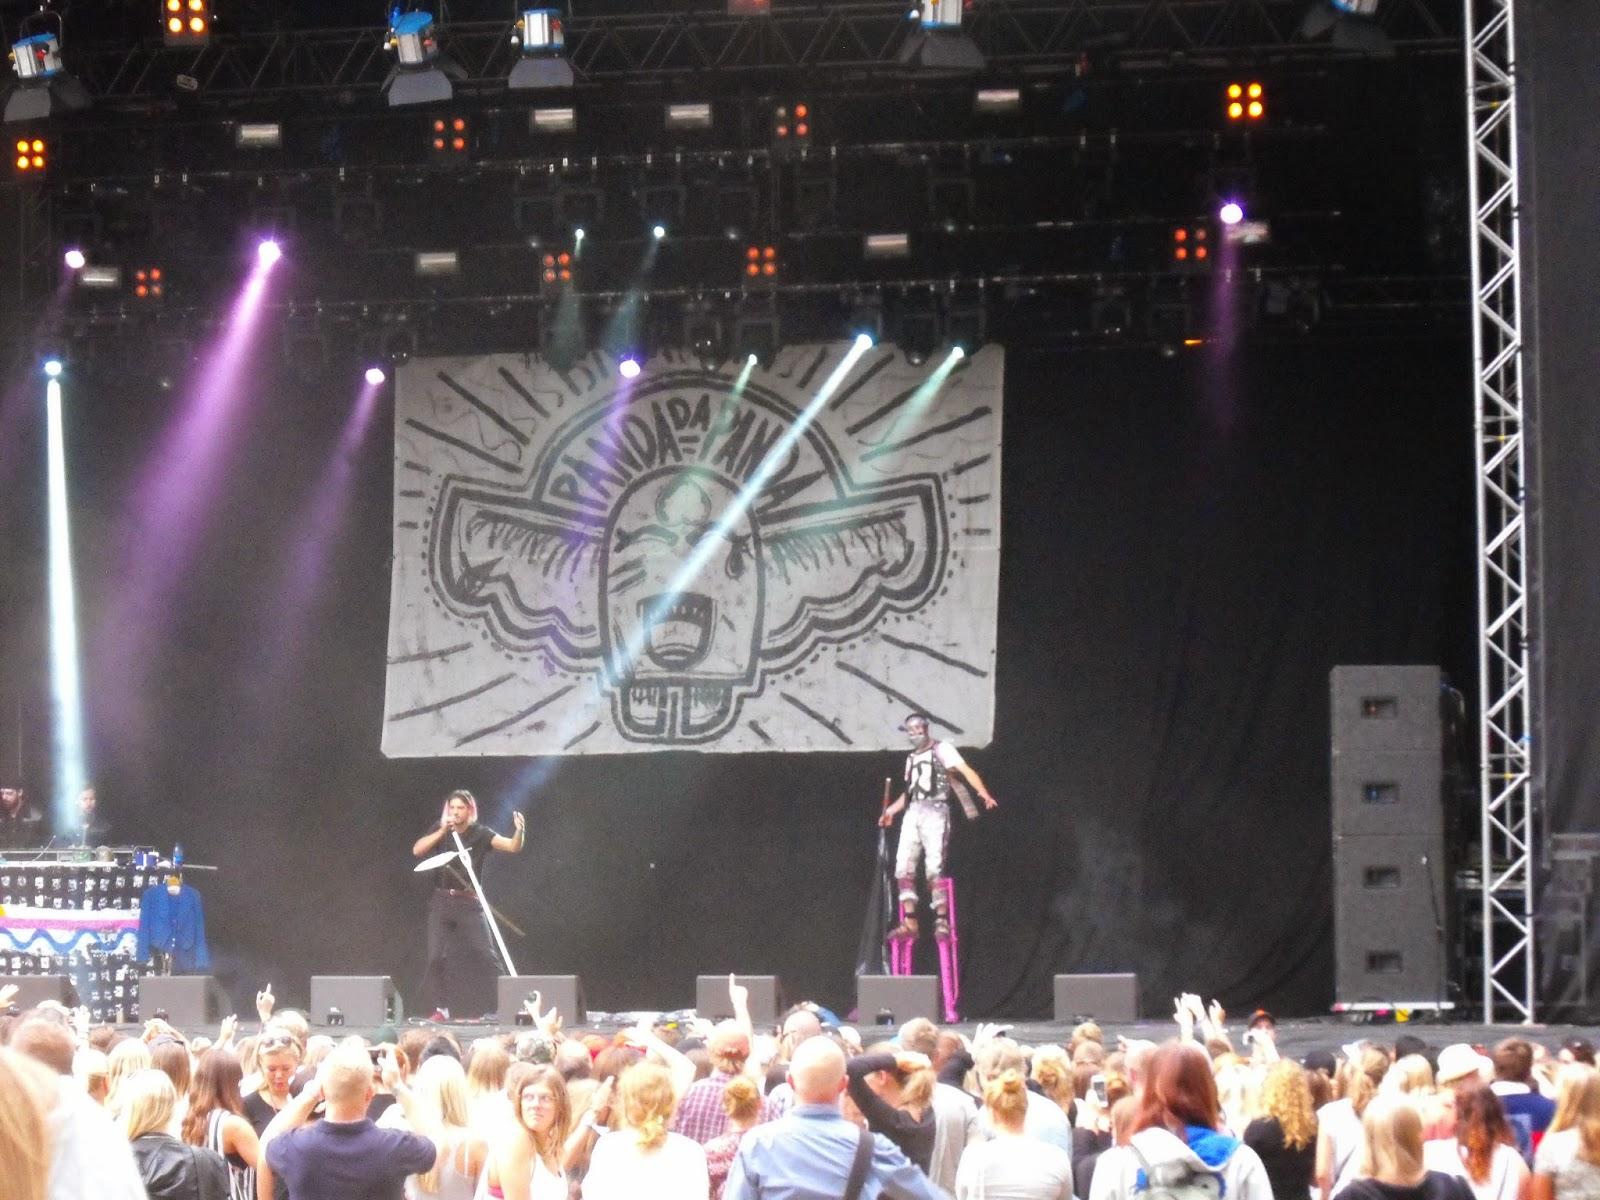 siestafestivalen, Siestafestivalen 2014, SiestaHlm, #SiestaHlm, Hässleholm, Sösdala, Barnfamilj, Musik, Glädje i hjärtat, Panda Da Panda